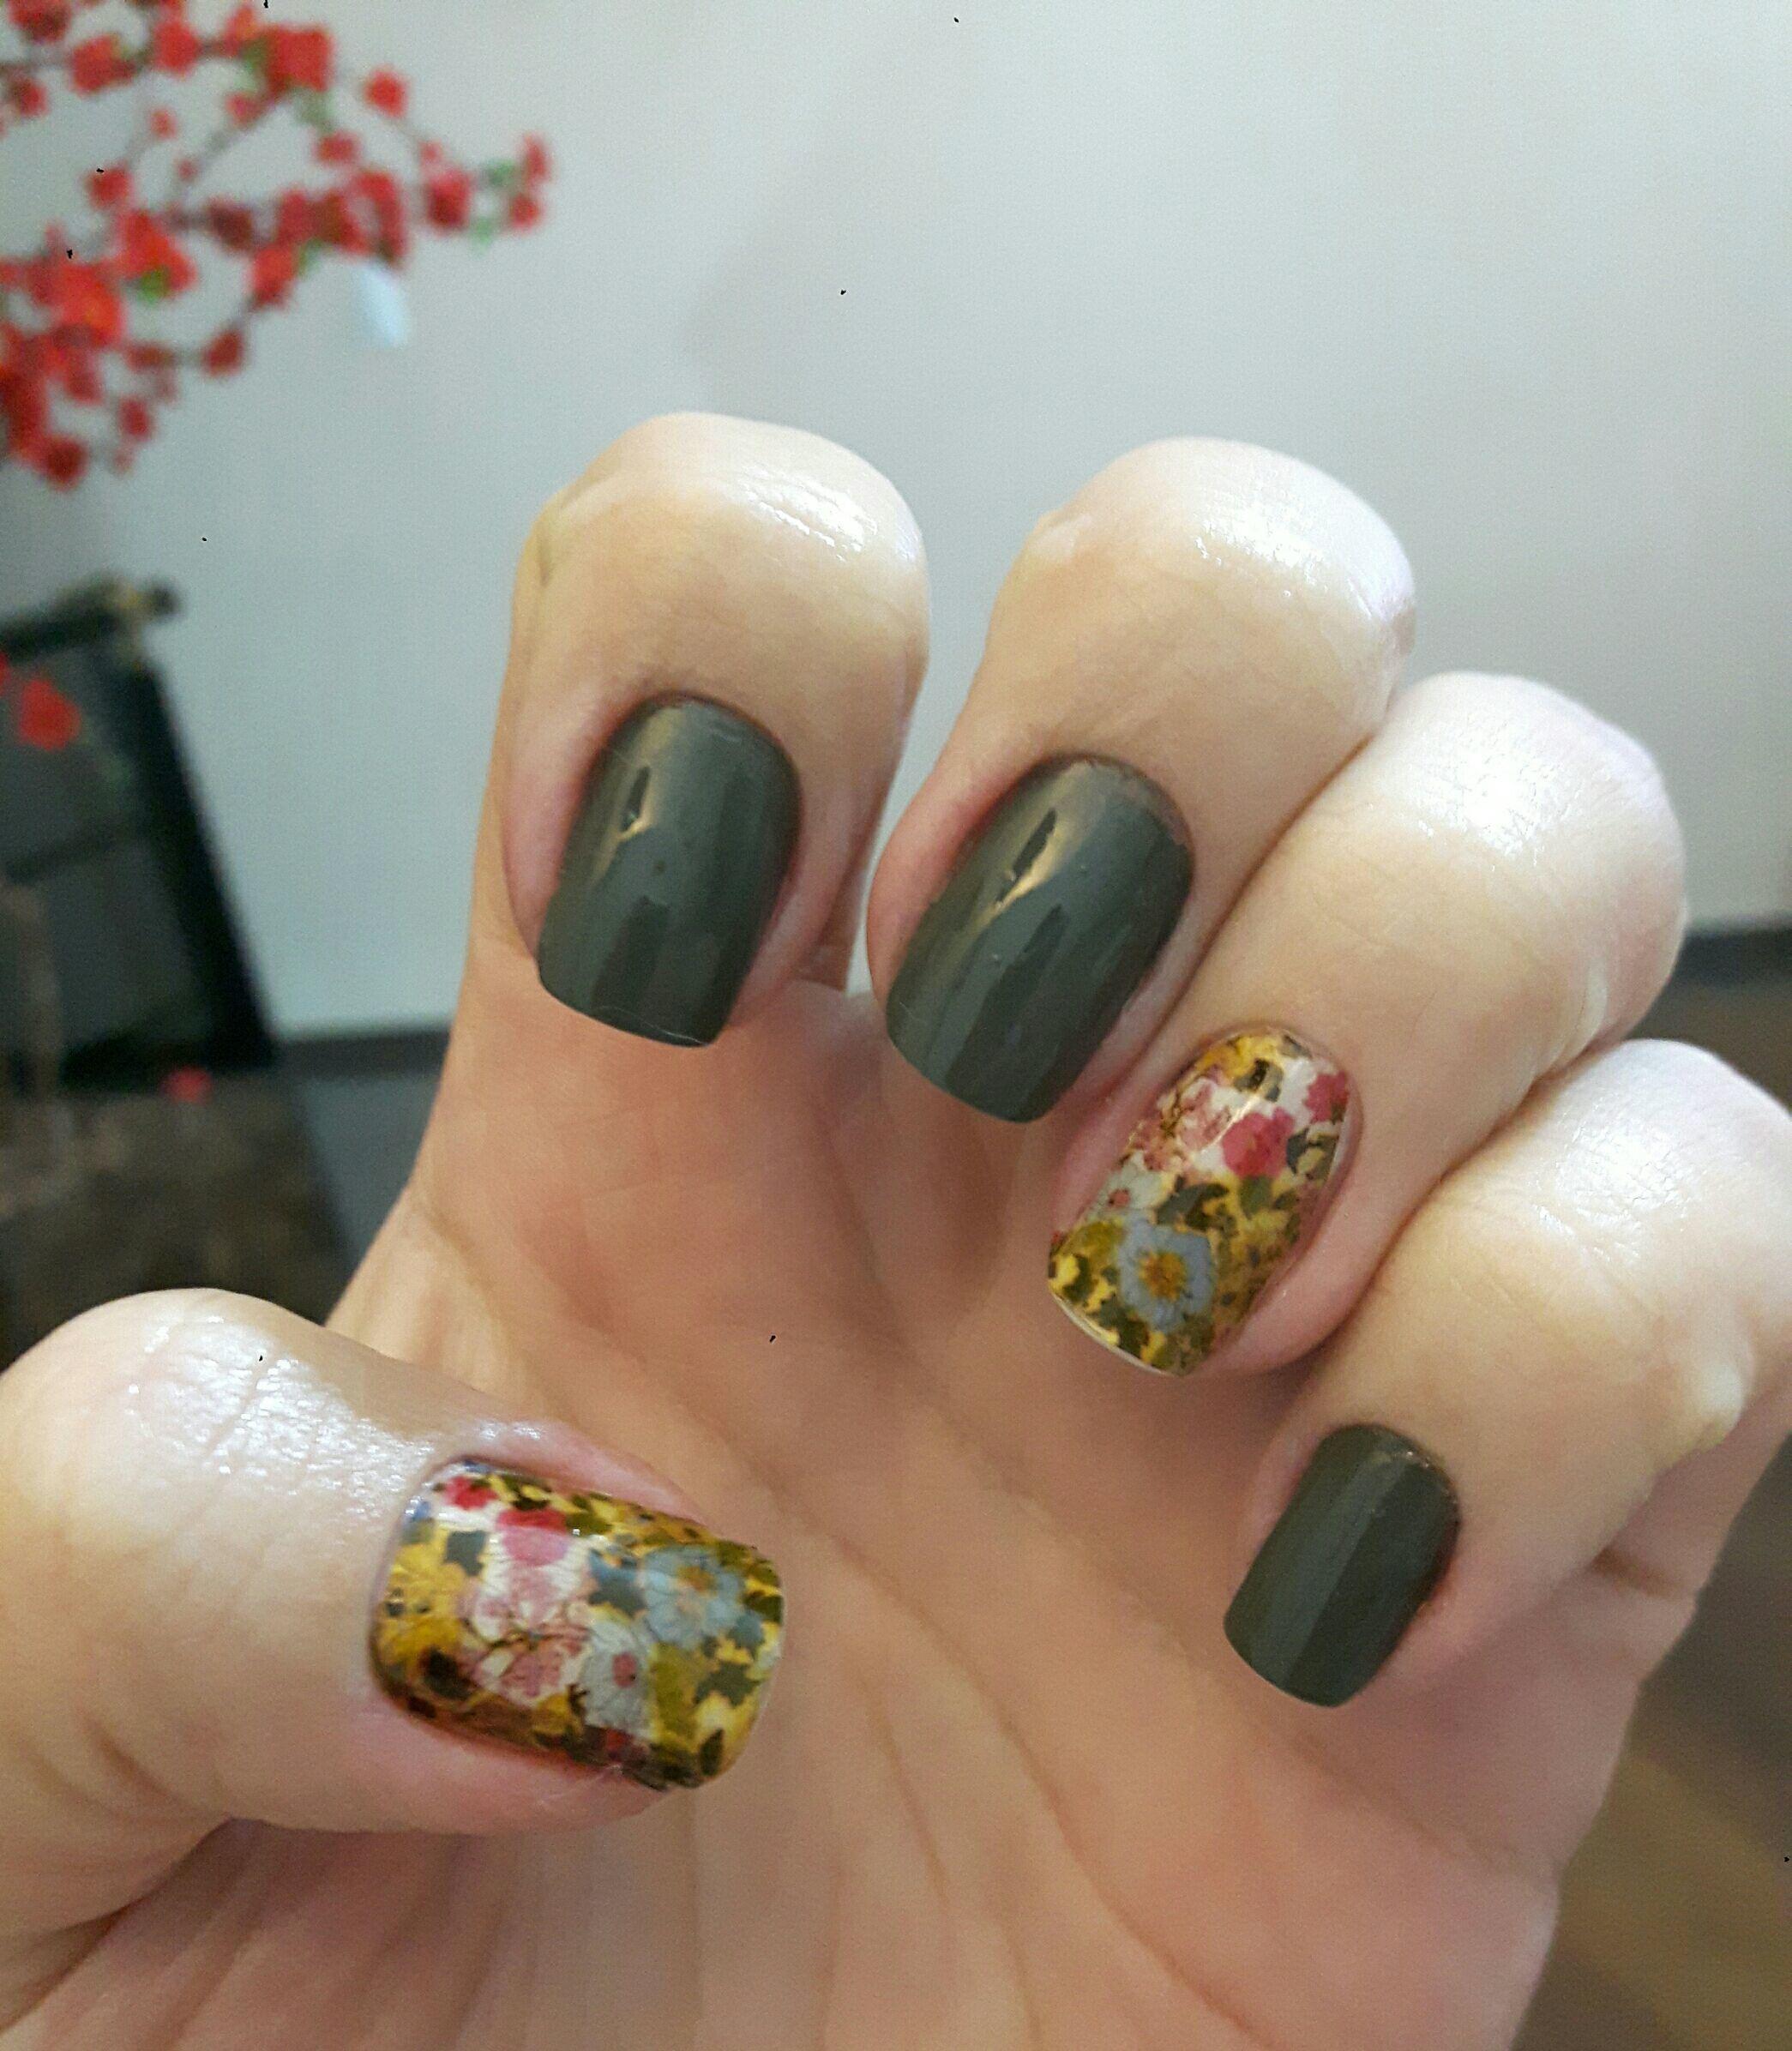 Película unha manicure e pedicure